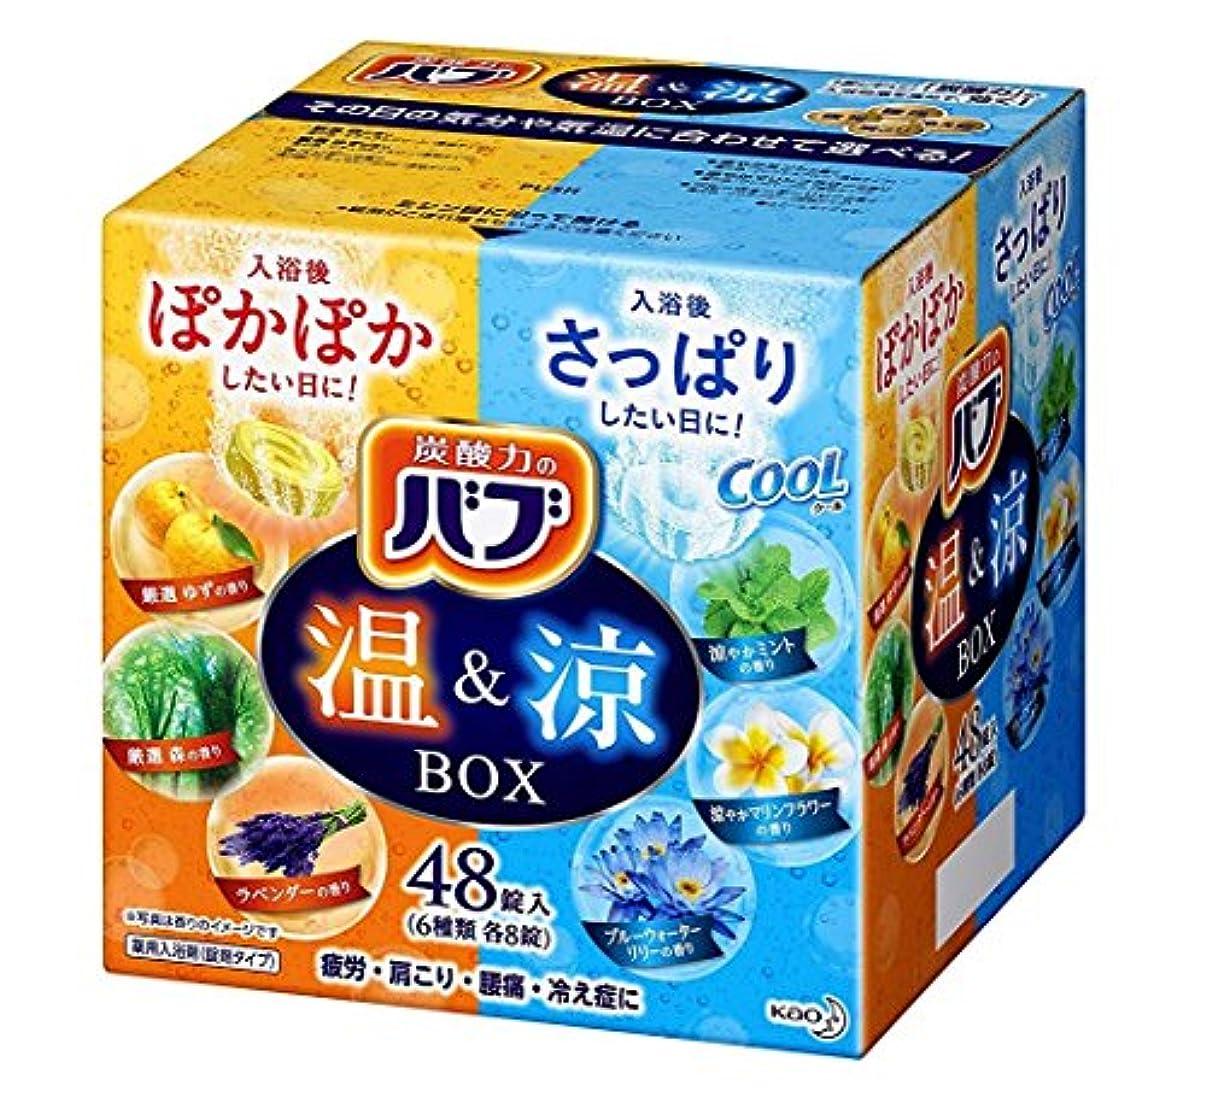 同等の照らす現金【大容量】バブ 温&涼BOX 48錠 炭酸入浴剤